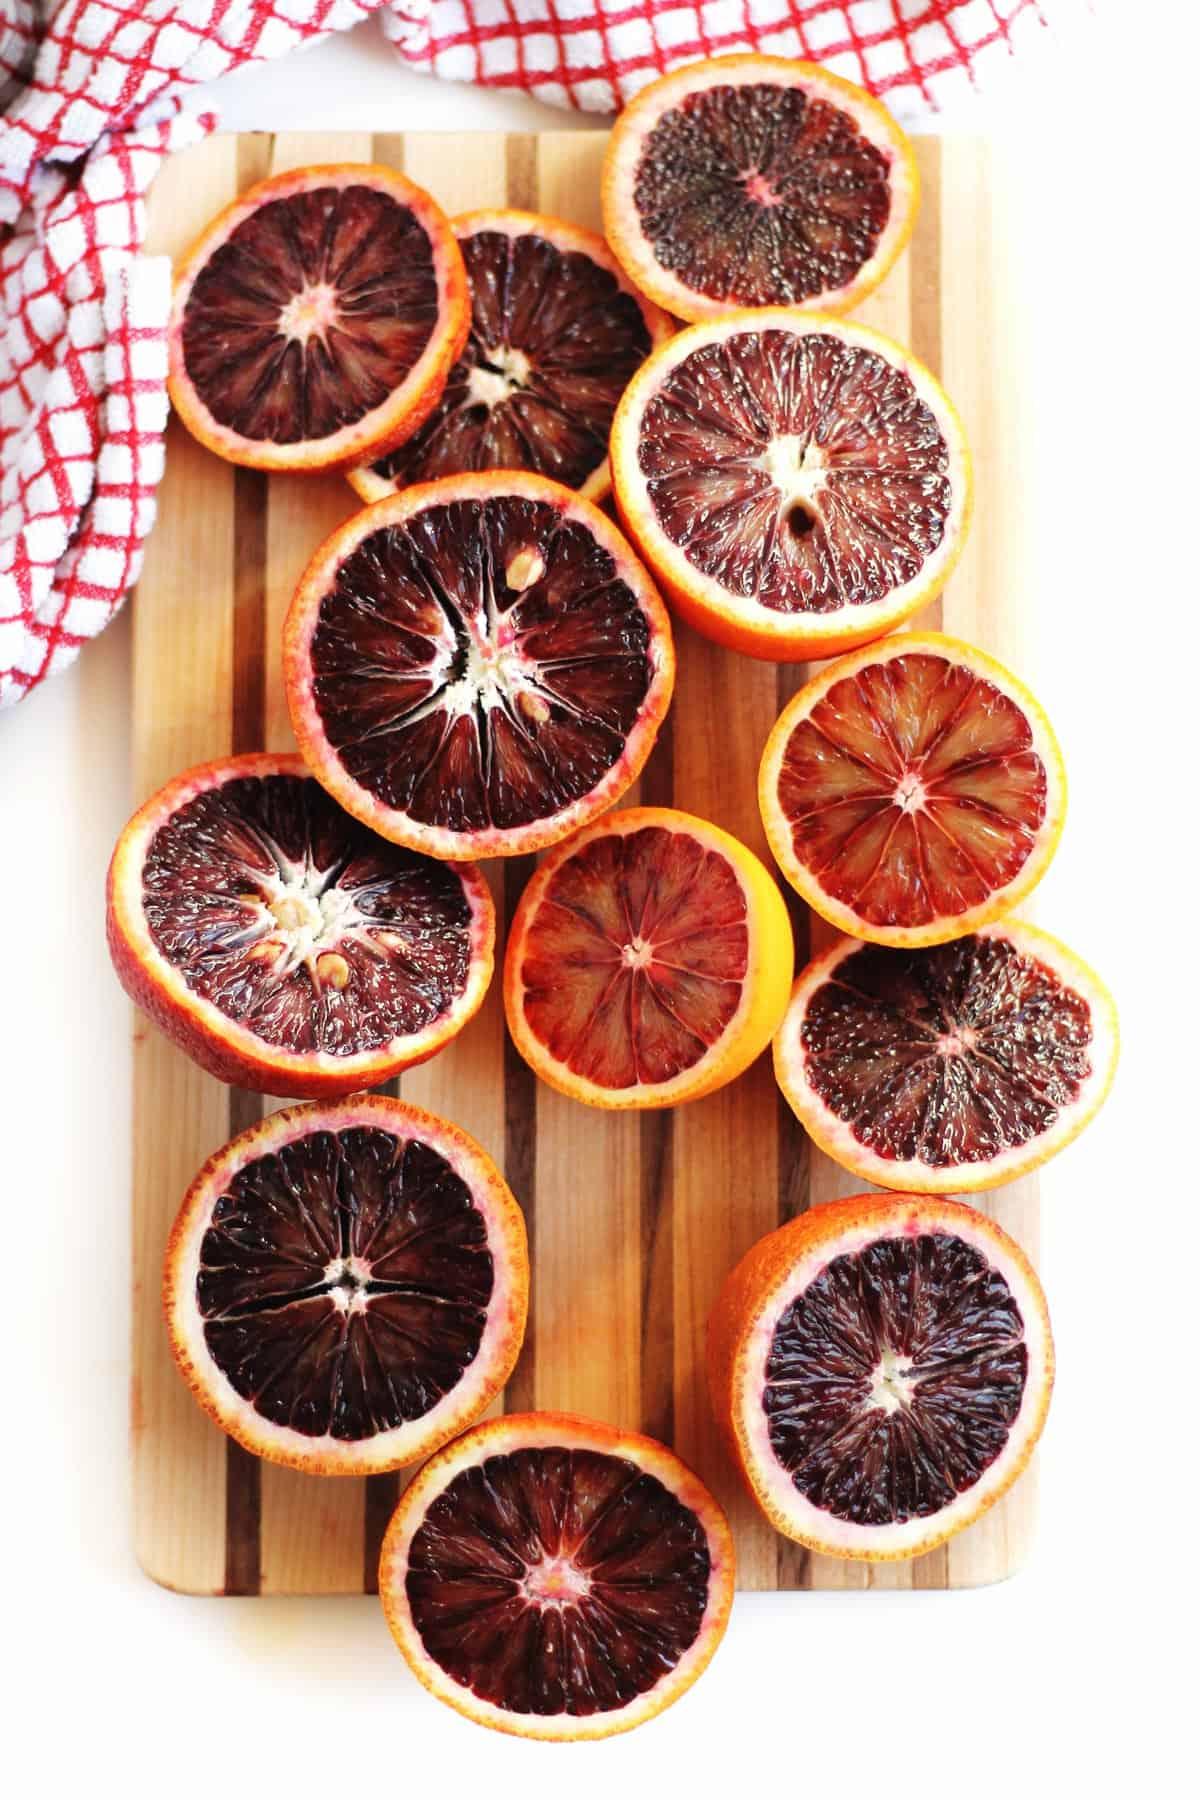 blood oranges sliced in half on a cutting board